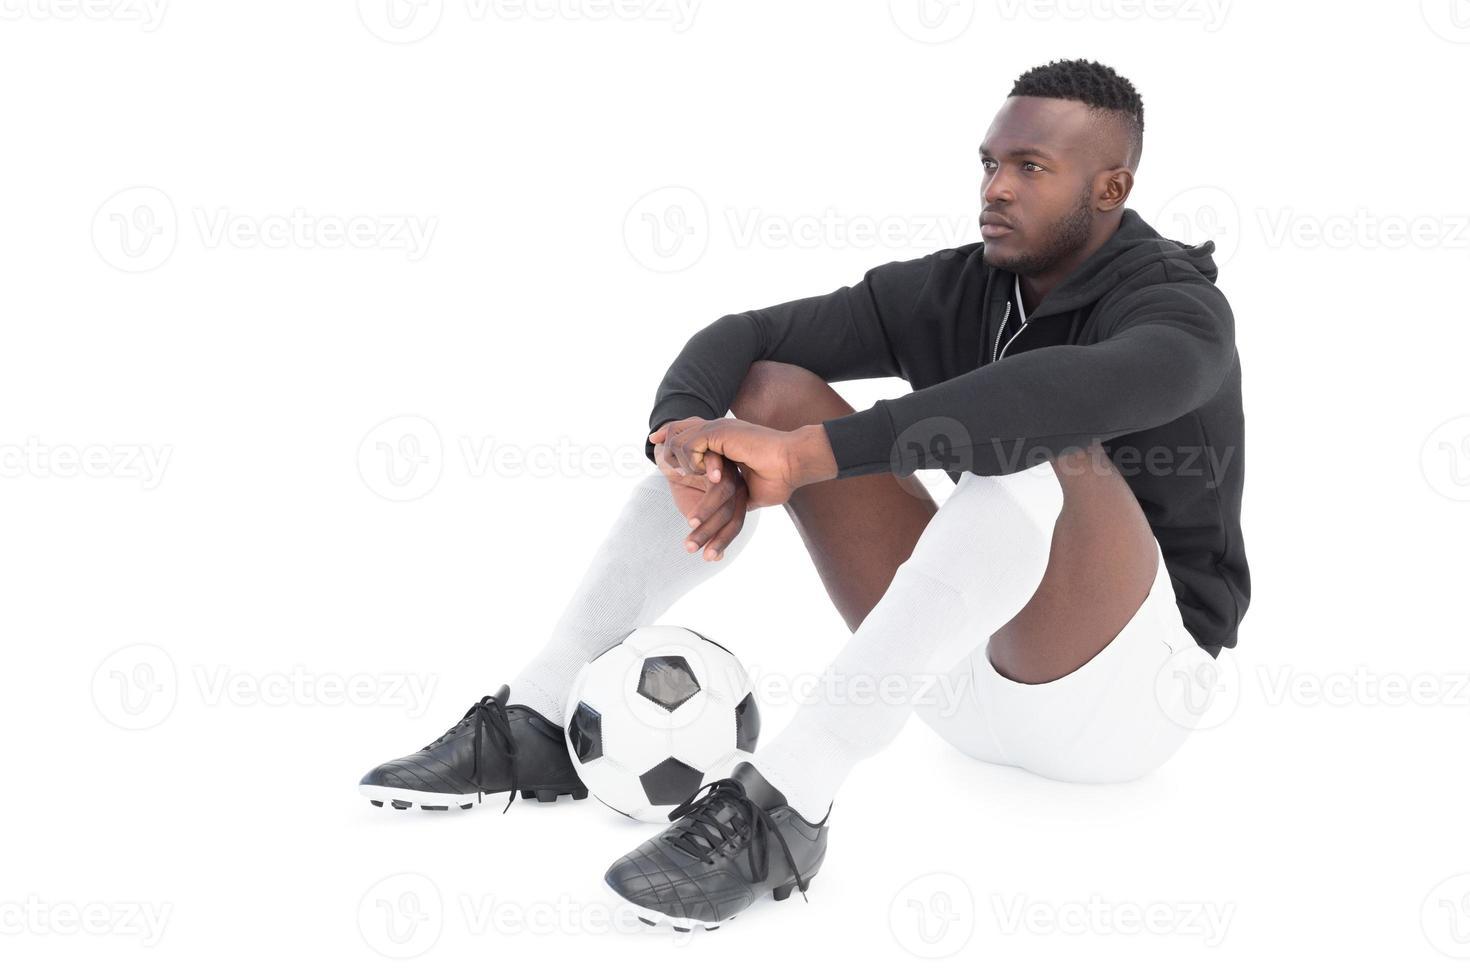 volle Länge eines ernsthaften Fußballspielers foto